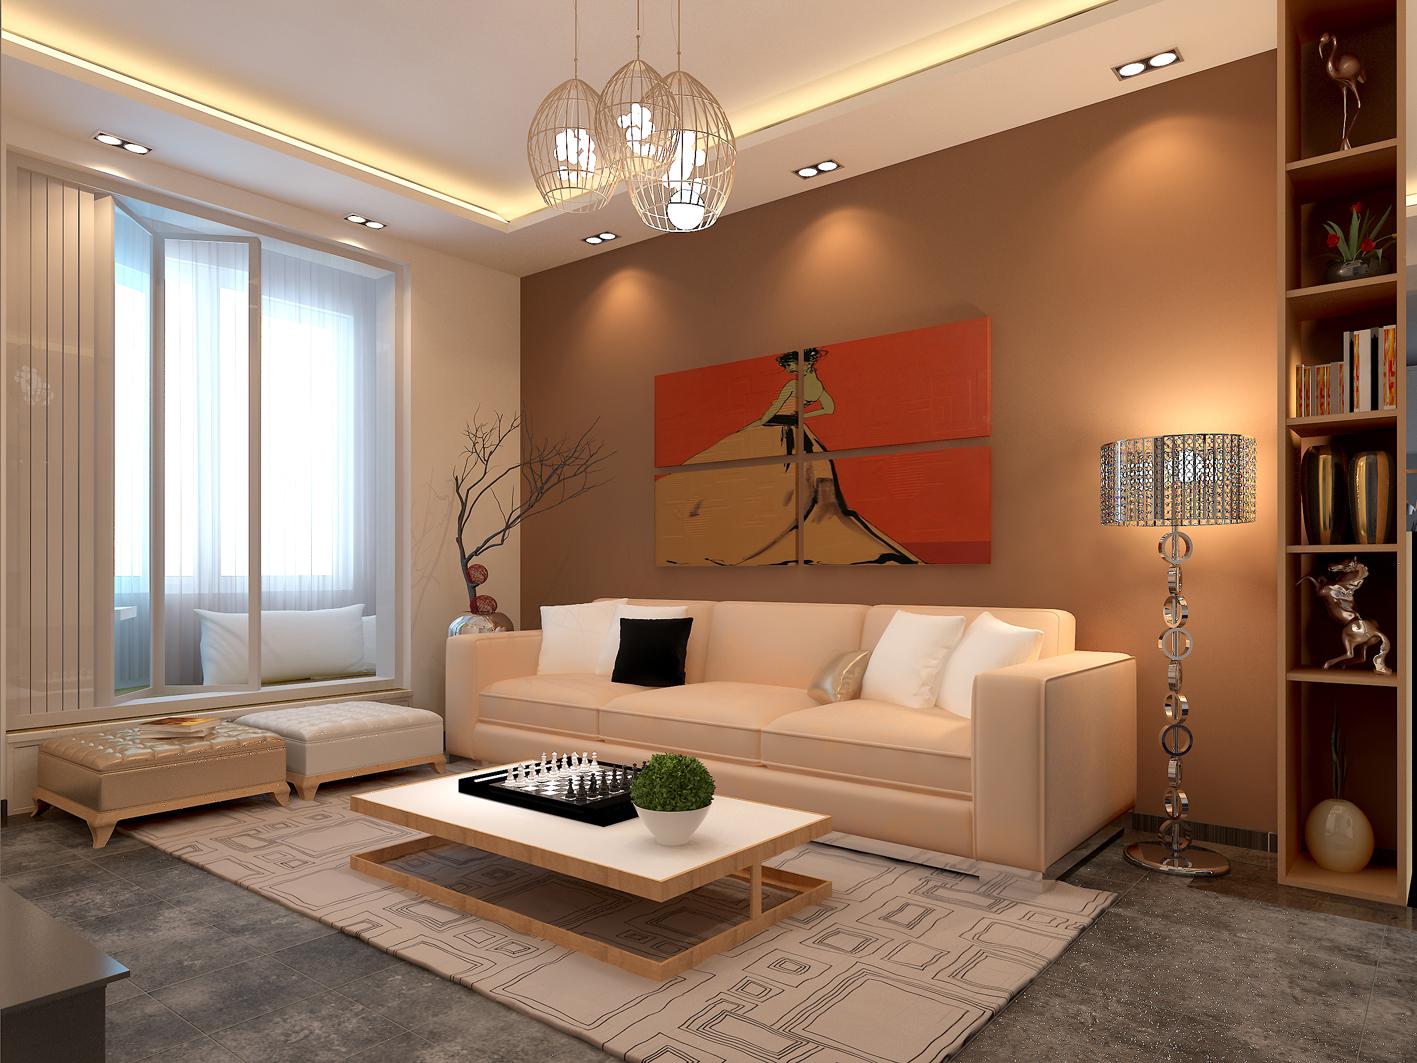 景隆现代城 客厅 合肥装修效果图